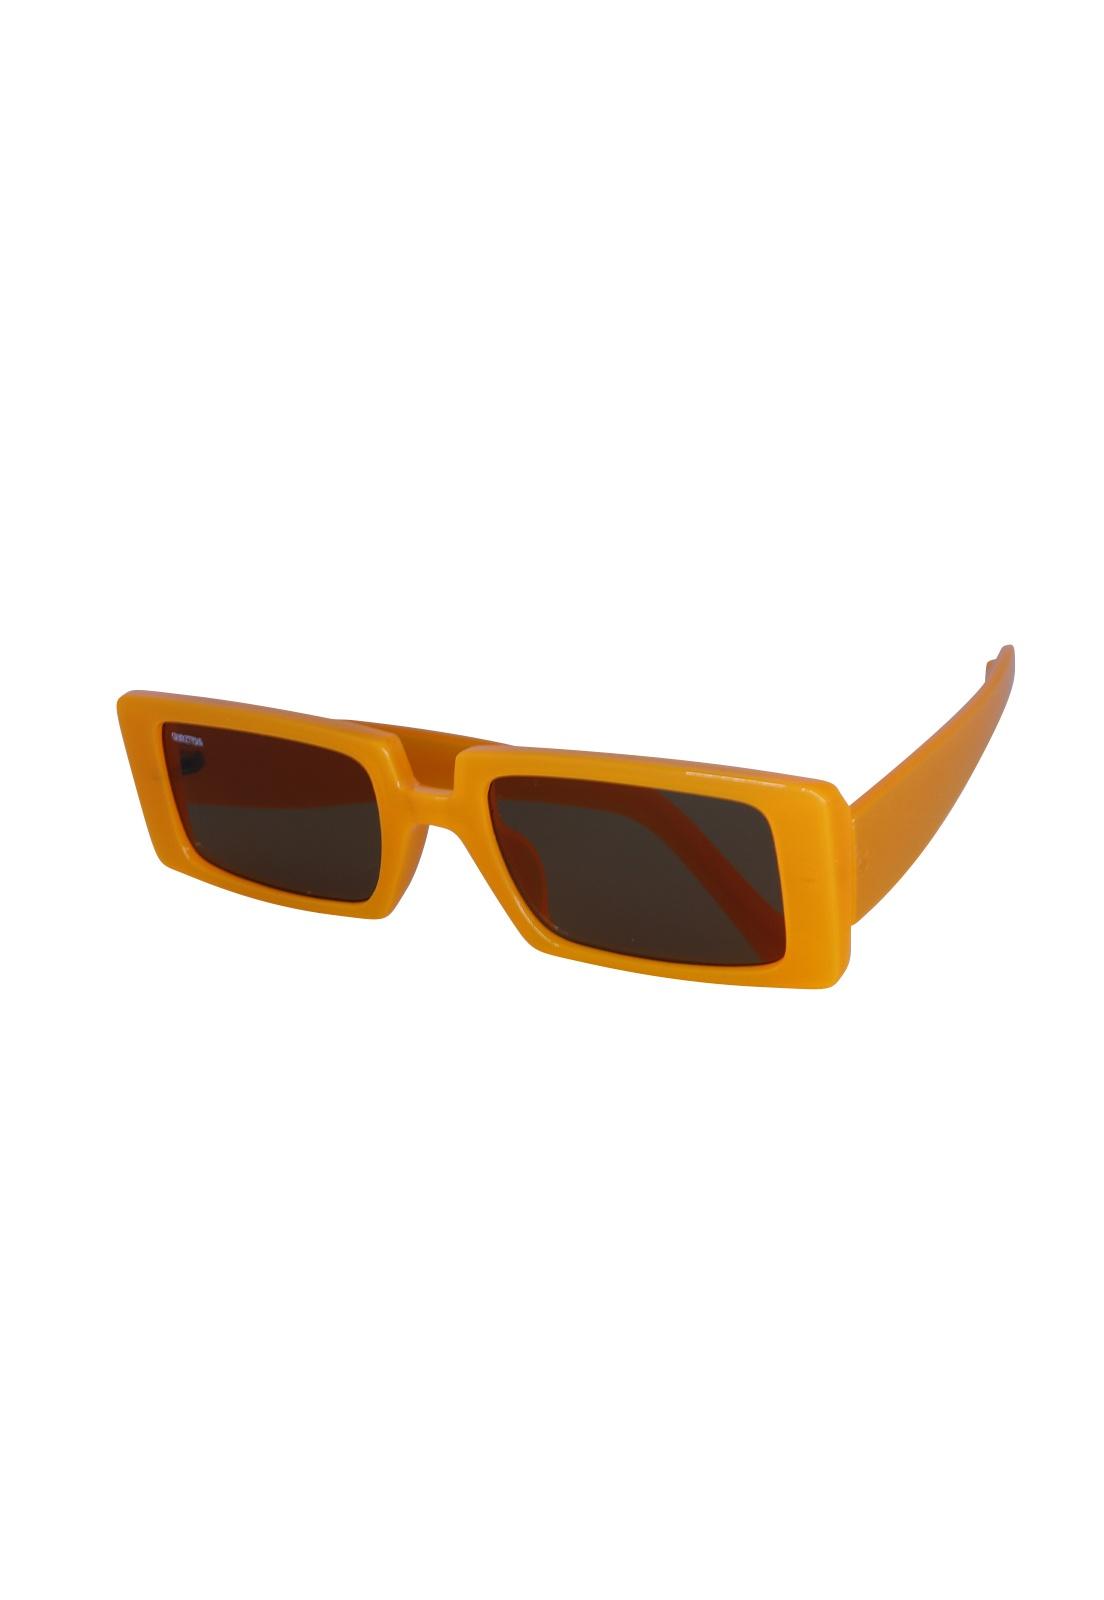 Óculos de Sol Grungetteria Grinch Laranja